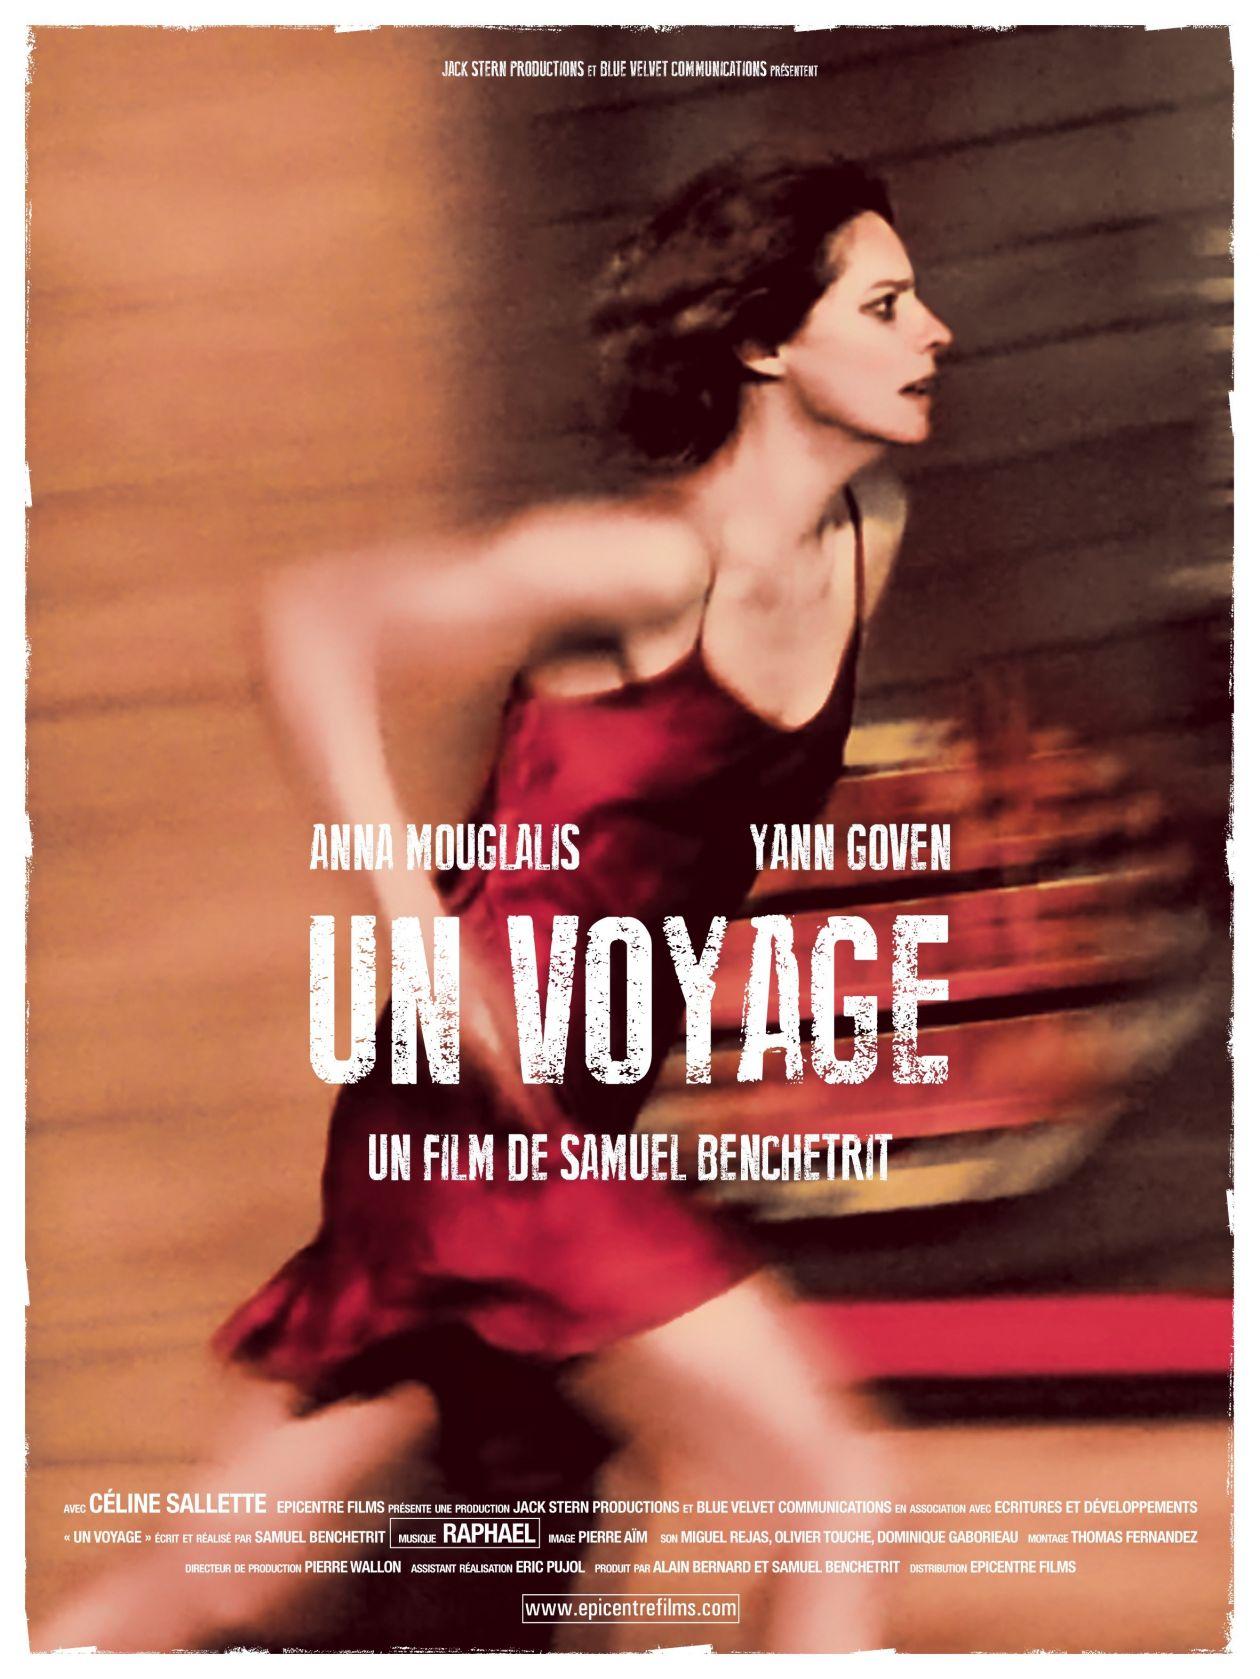 Un Voyage (Samuel Benchetrit 2014, Anna Mouglalis) | Movie Poster / Affiche du Film